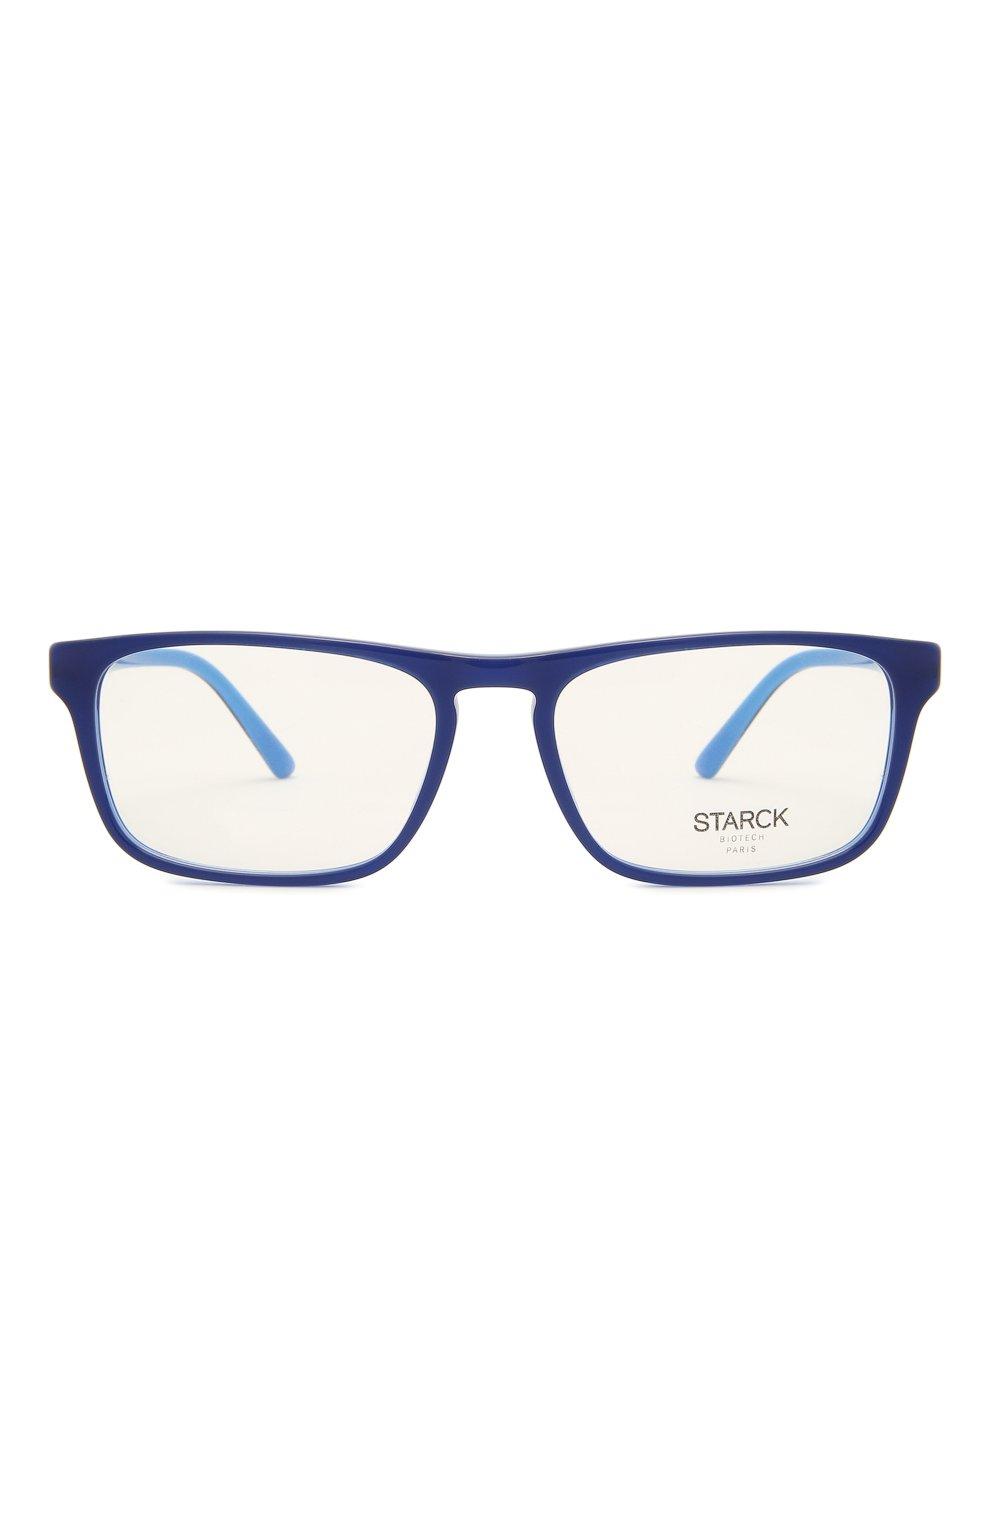 Мужские оправа STARCK EYES синего цвета, арт. 3059-0003 | Фото 3 (Тип очков: Оправа; Очки форма: Прямоугольные; Оптика Гендер: оптика-мужское)